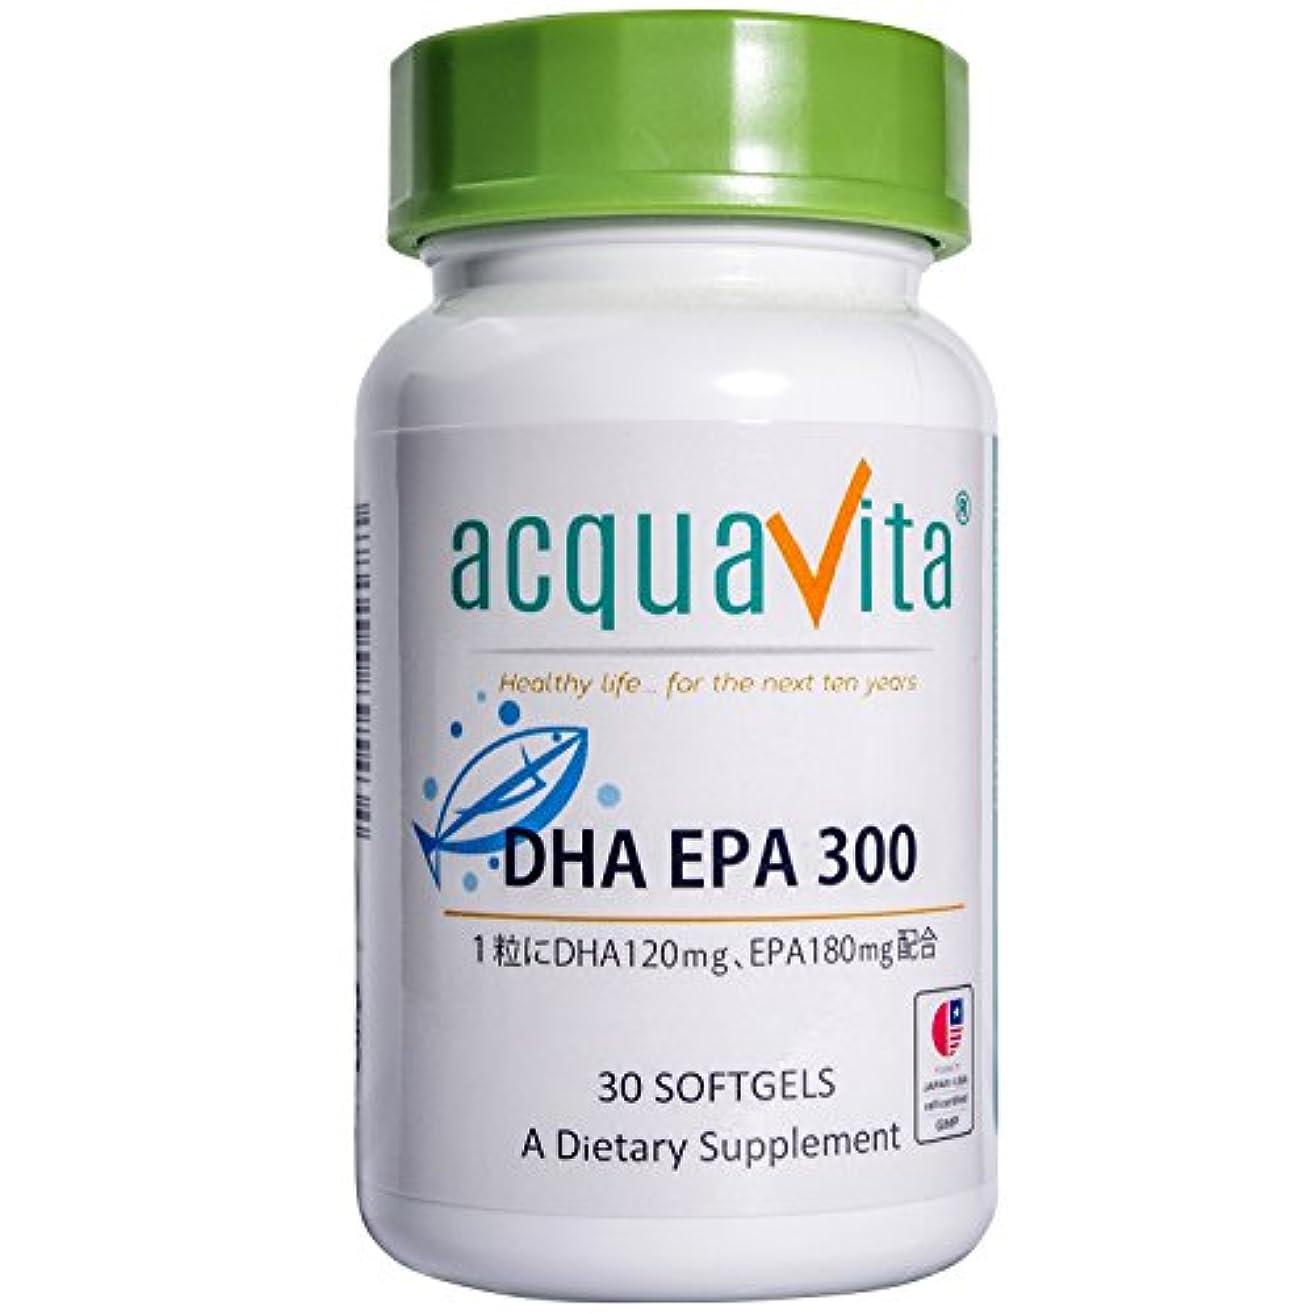 実験室メンター戸惑うacquavita(アクアヴィータ)DHA EPA300 30粒